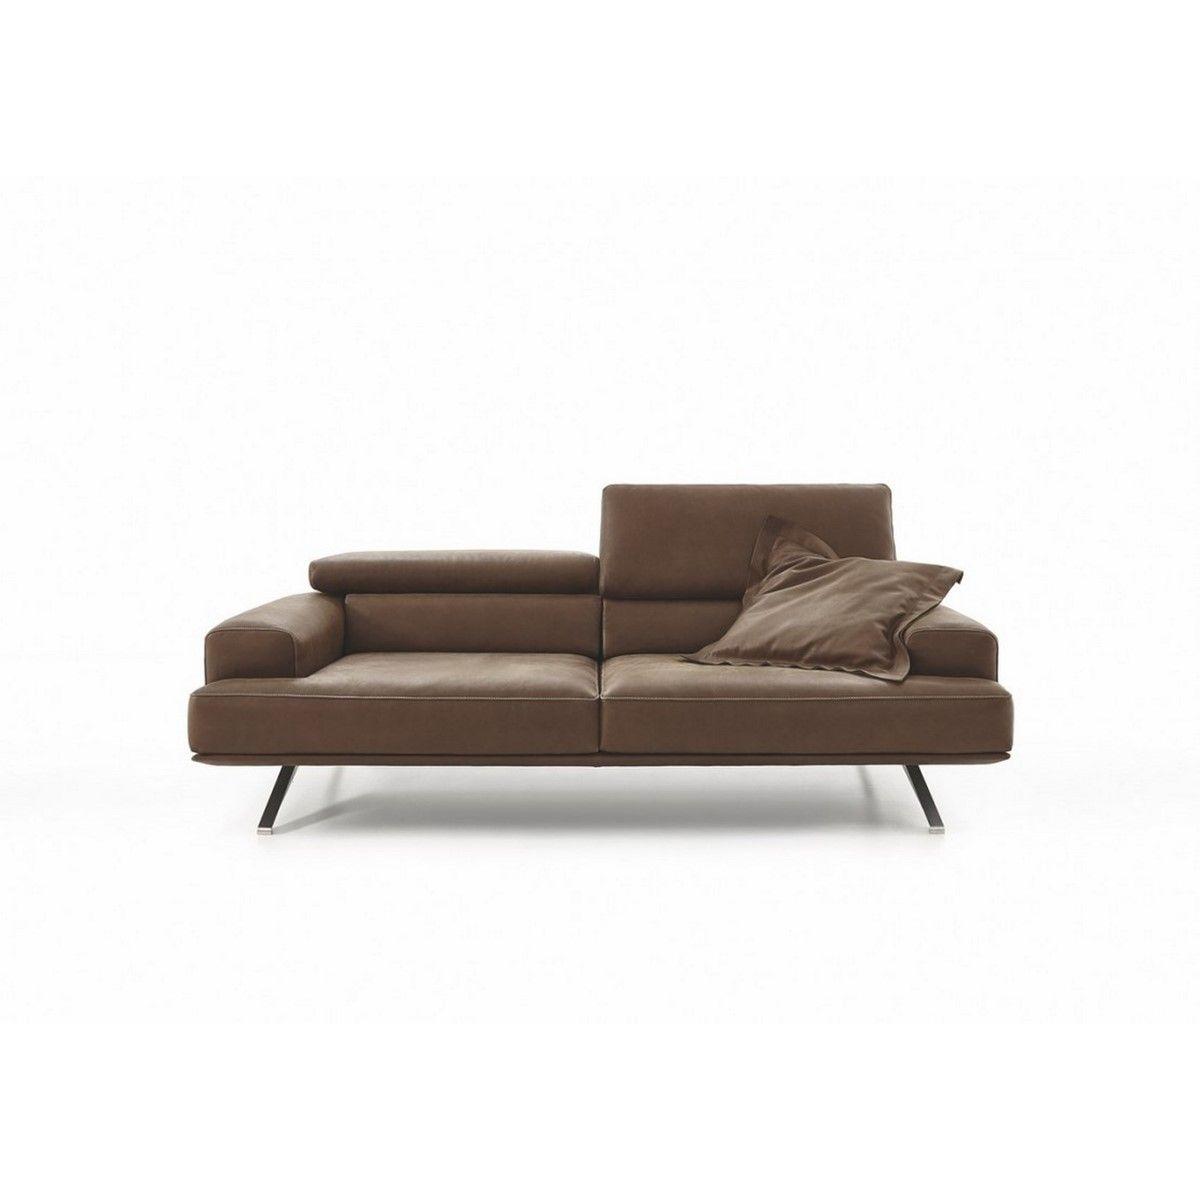 Canapé Fleur De Cuir canapé 3 places avec assise réglable en profondeur en cuir pleine fleur  temperant pm